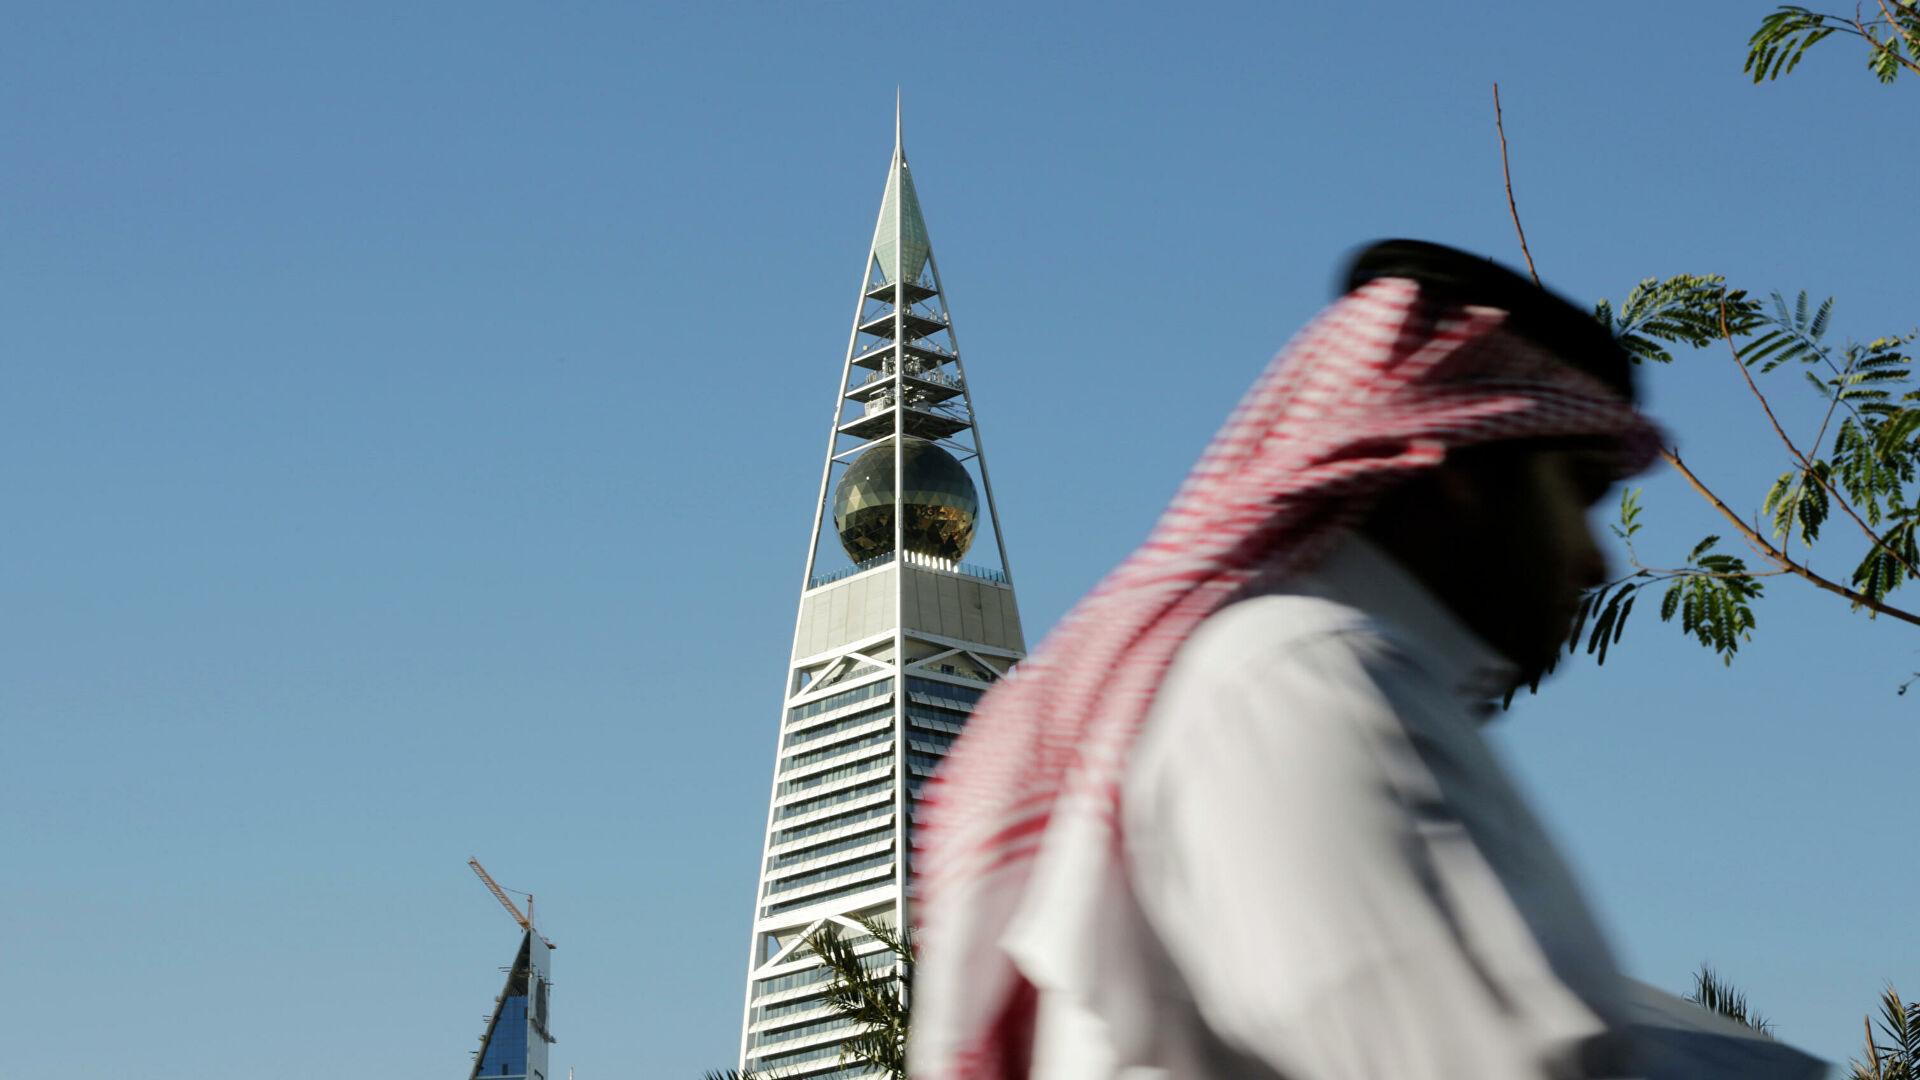 Вакцинация от коронавируса в Саудовской Аравии будет бесплатной